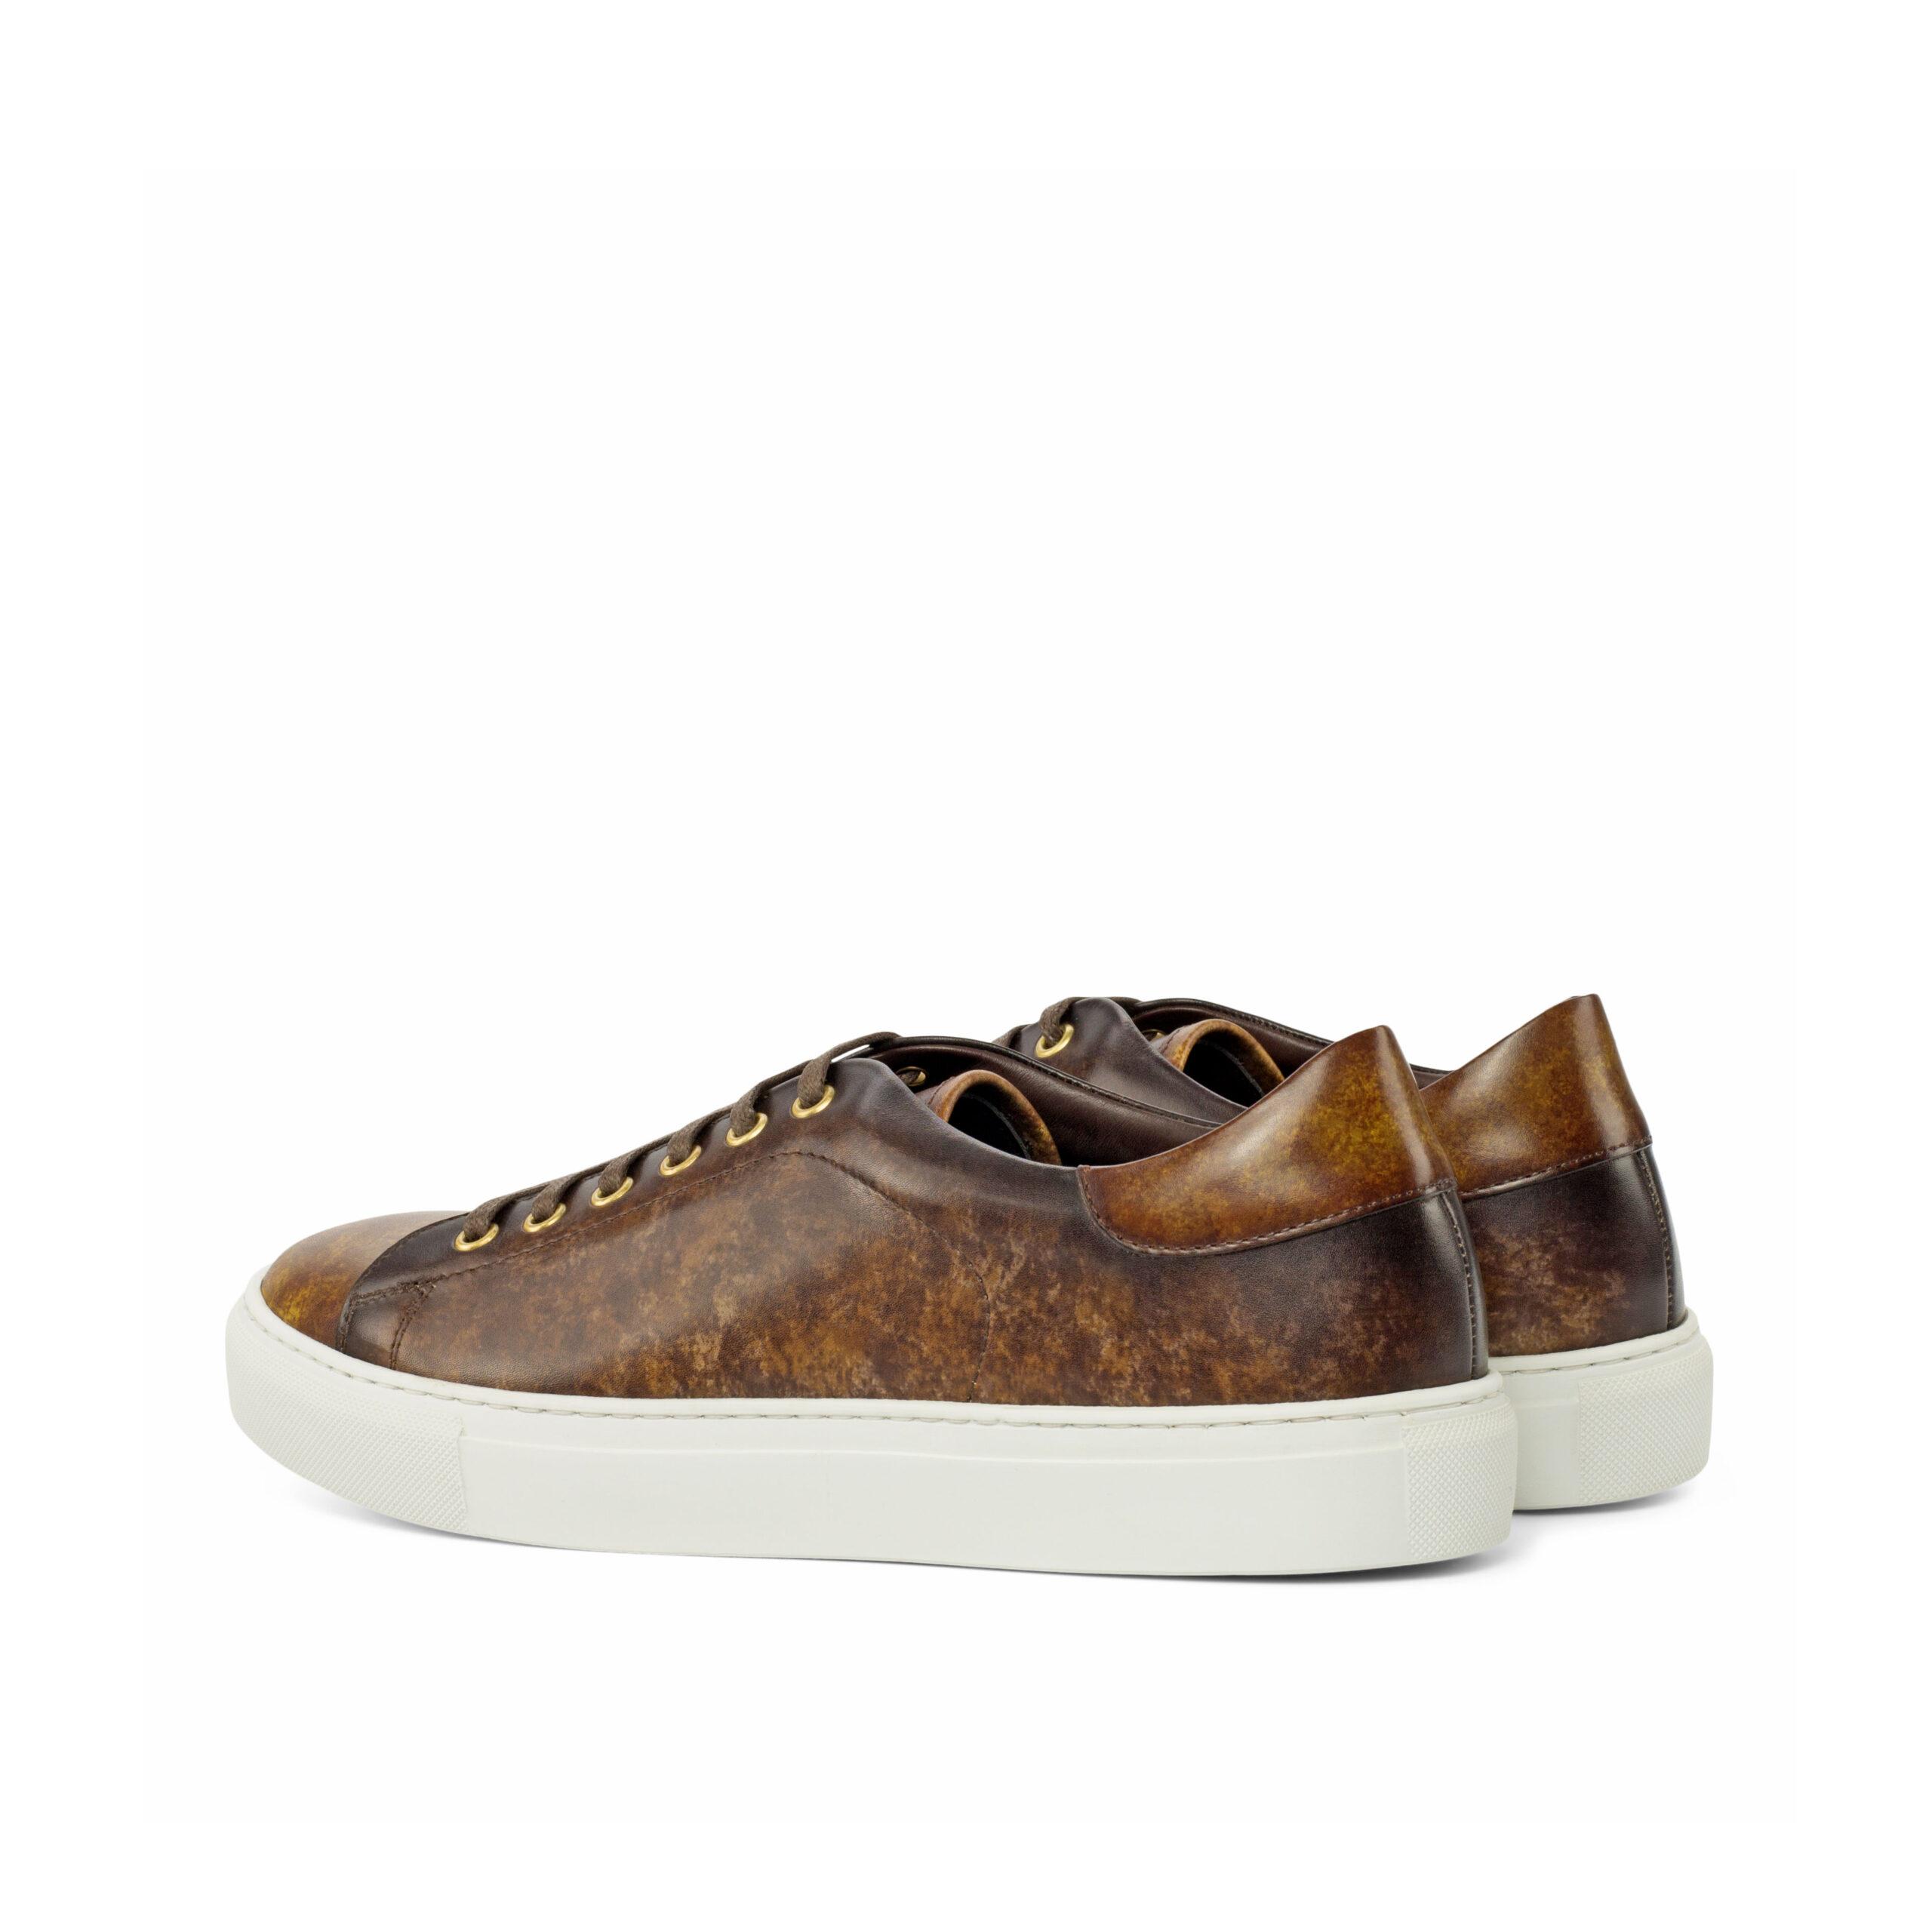 Sneakers basses en cuir de veau patine faite à la main cognac et brune